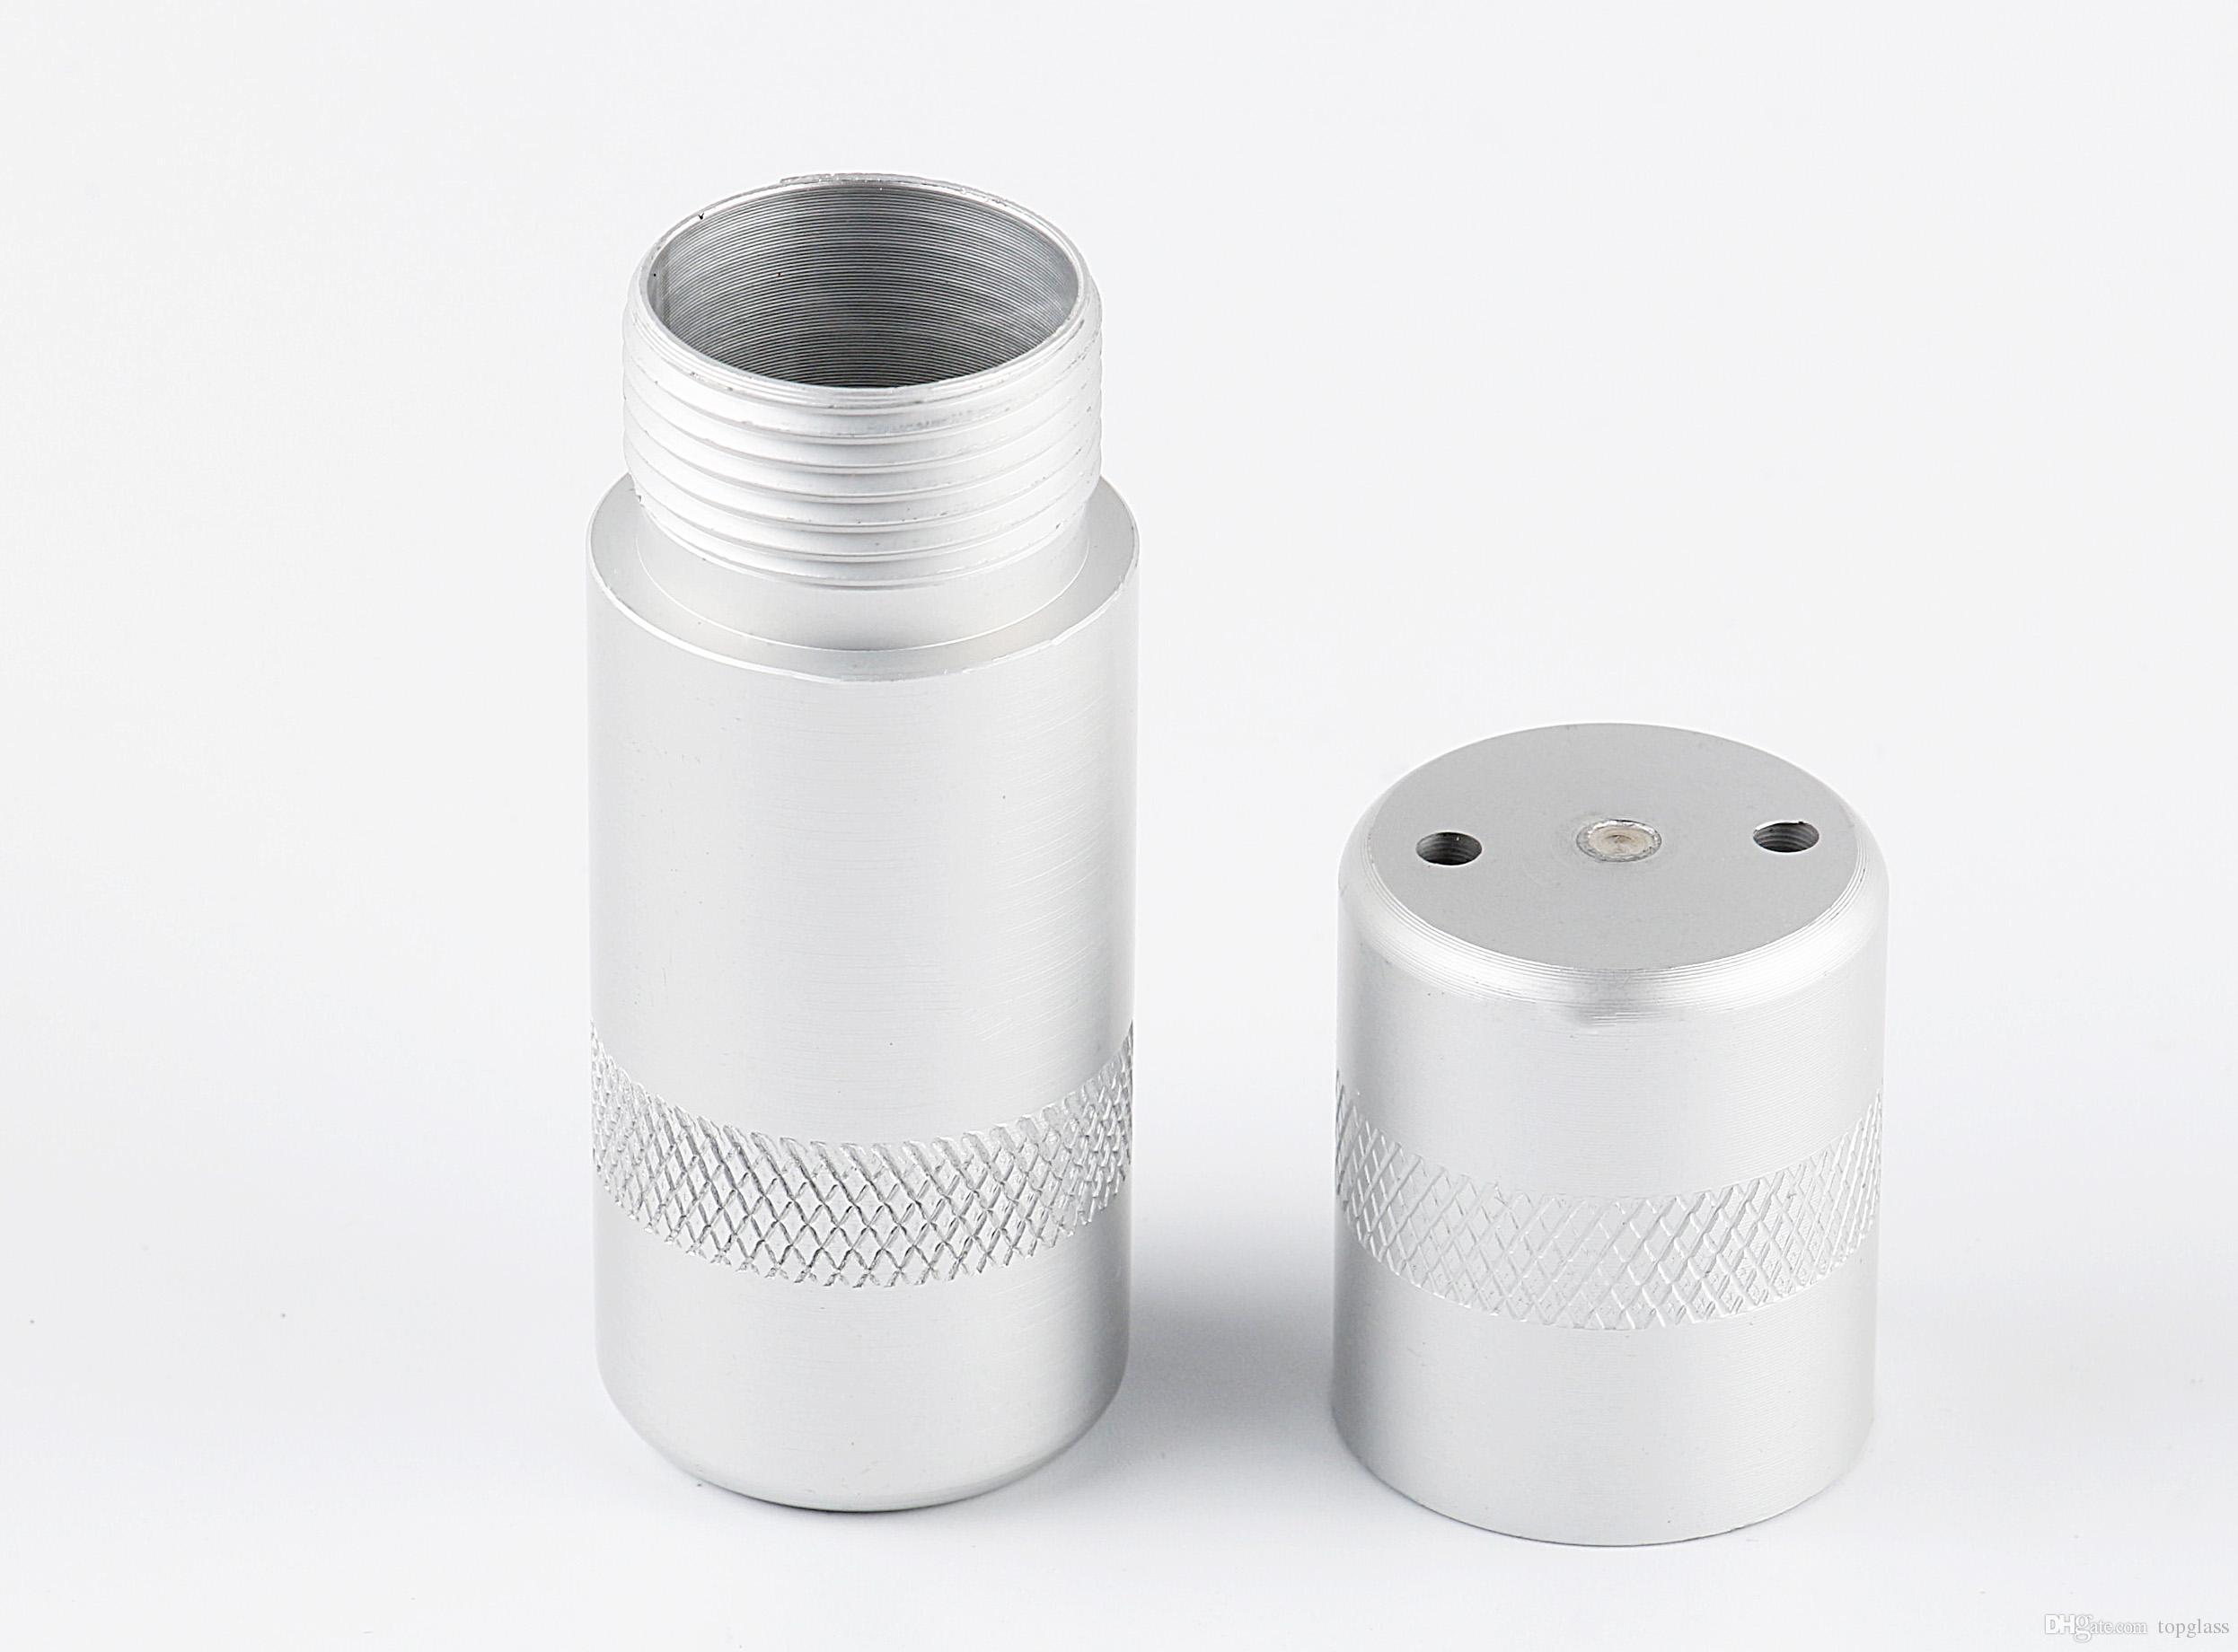 N2O Bottle Opener Cheap but high quality Gas Cracker Aluminum Cream Whipper Aluminum Cracker mix colors glass bongs